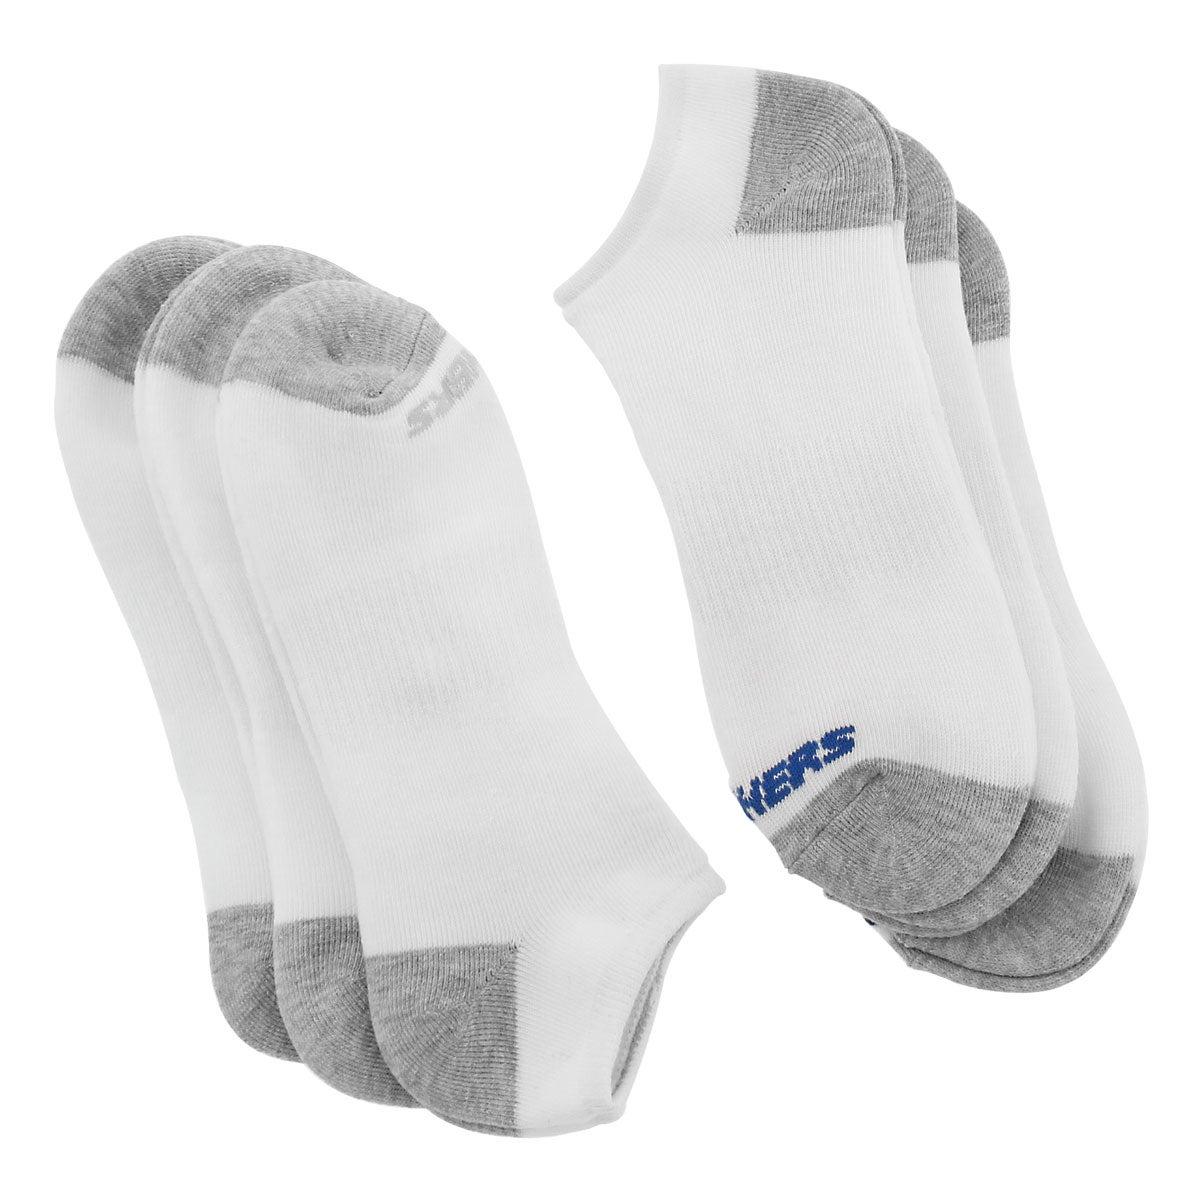 Men's FULL TERRY NO SHOW white multi socks - 6 pk